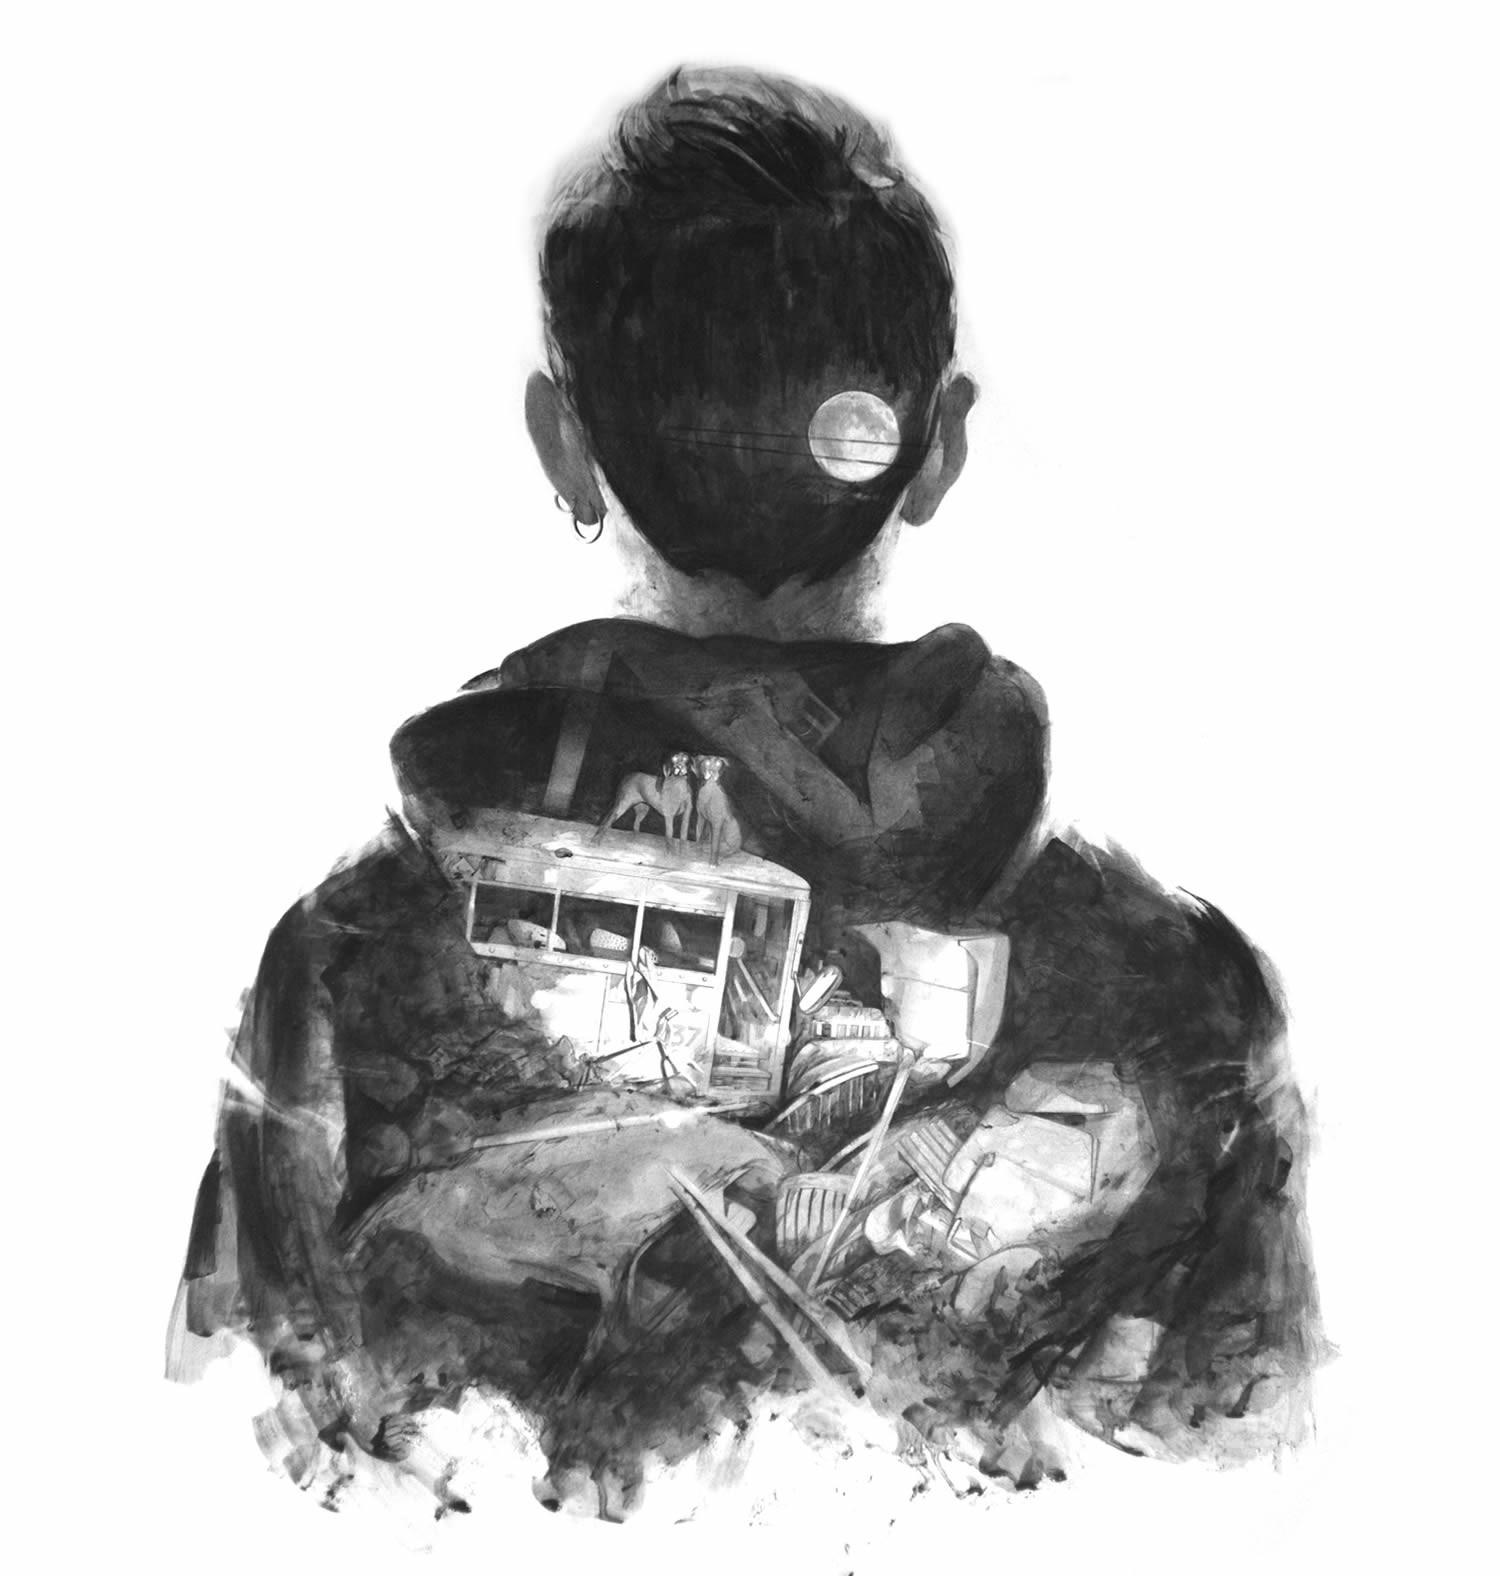 Thomas Cian 人像插画欣赏